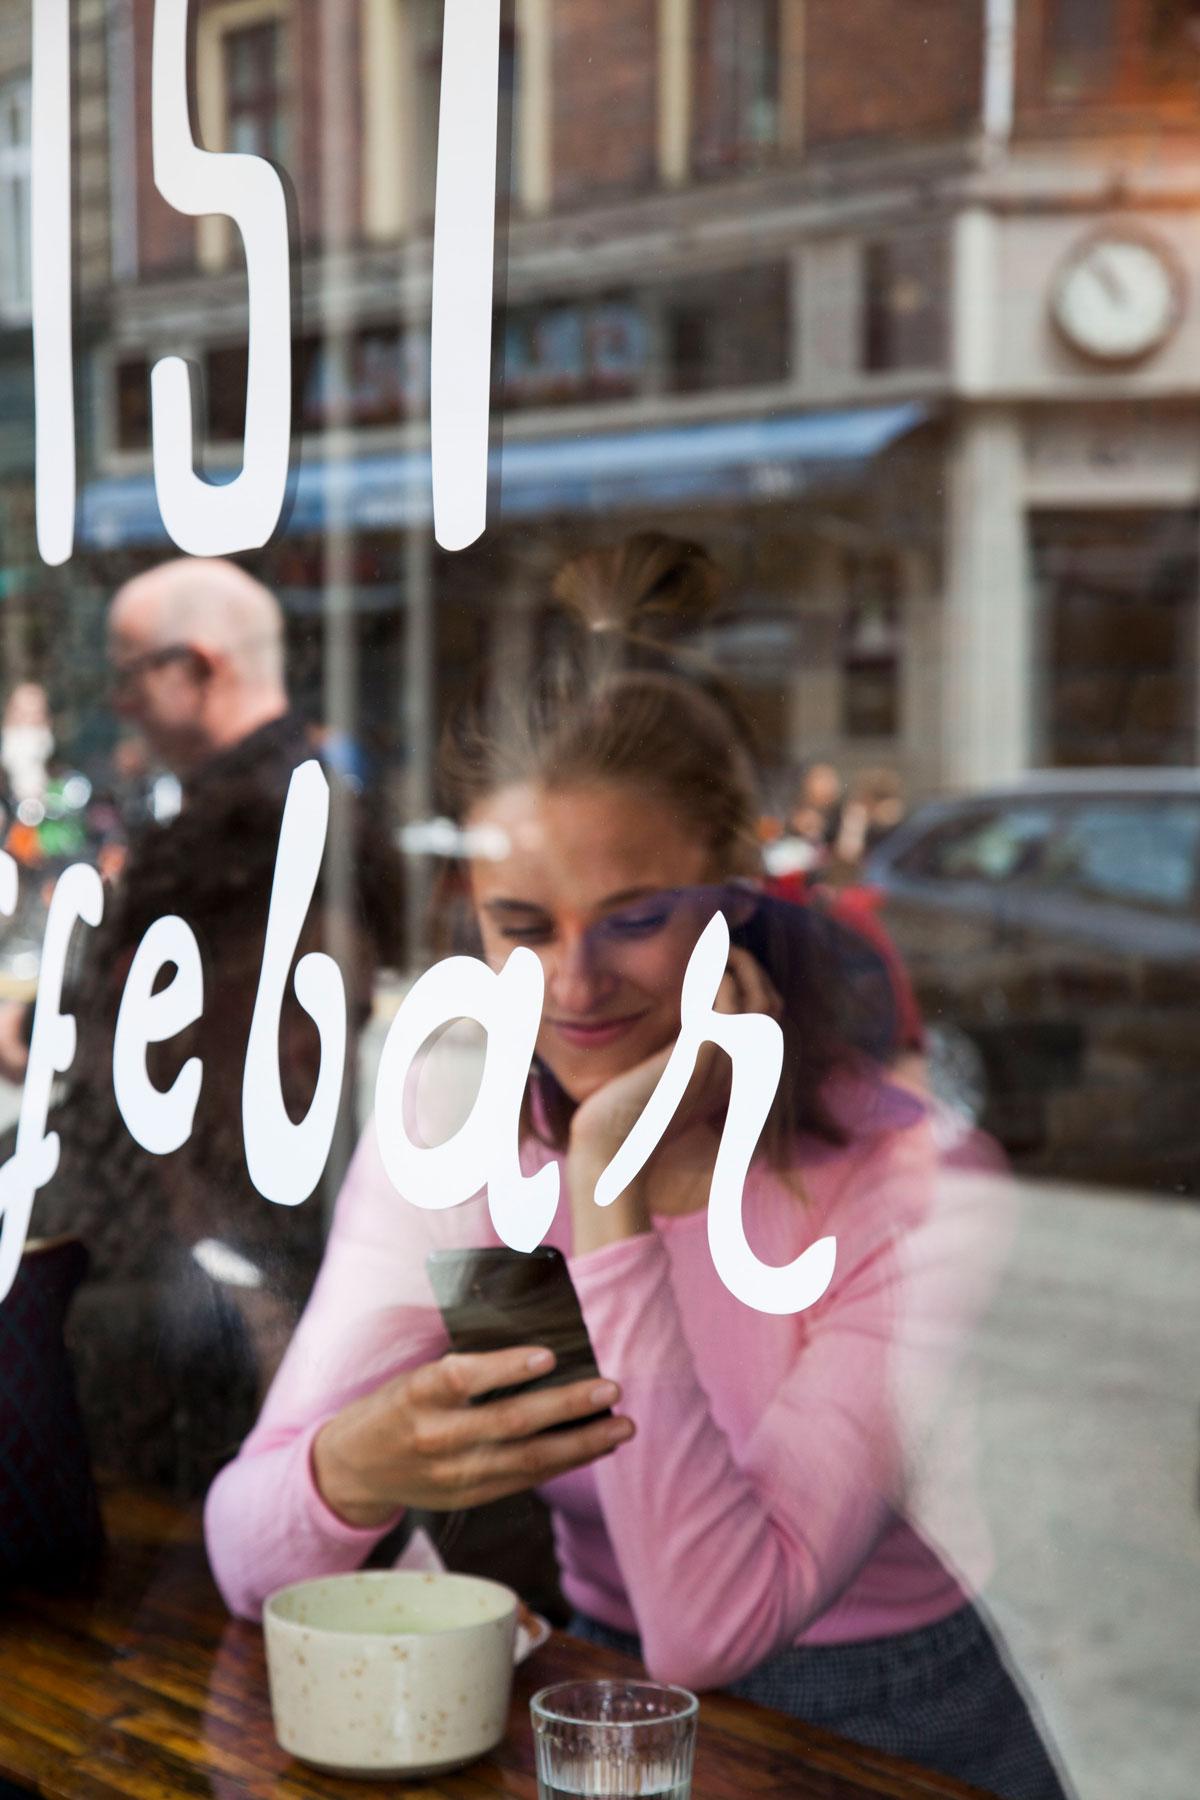 rockpaperdresses, cathrine widunok wichmand, Samsung, breaking habits, julie bjarnhoff